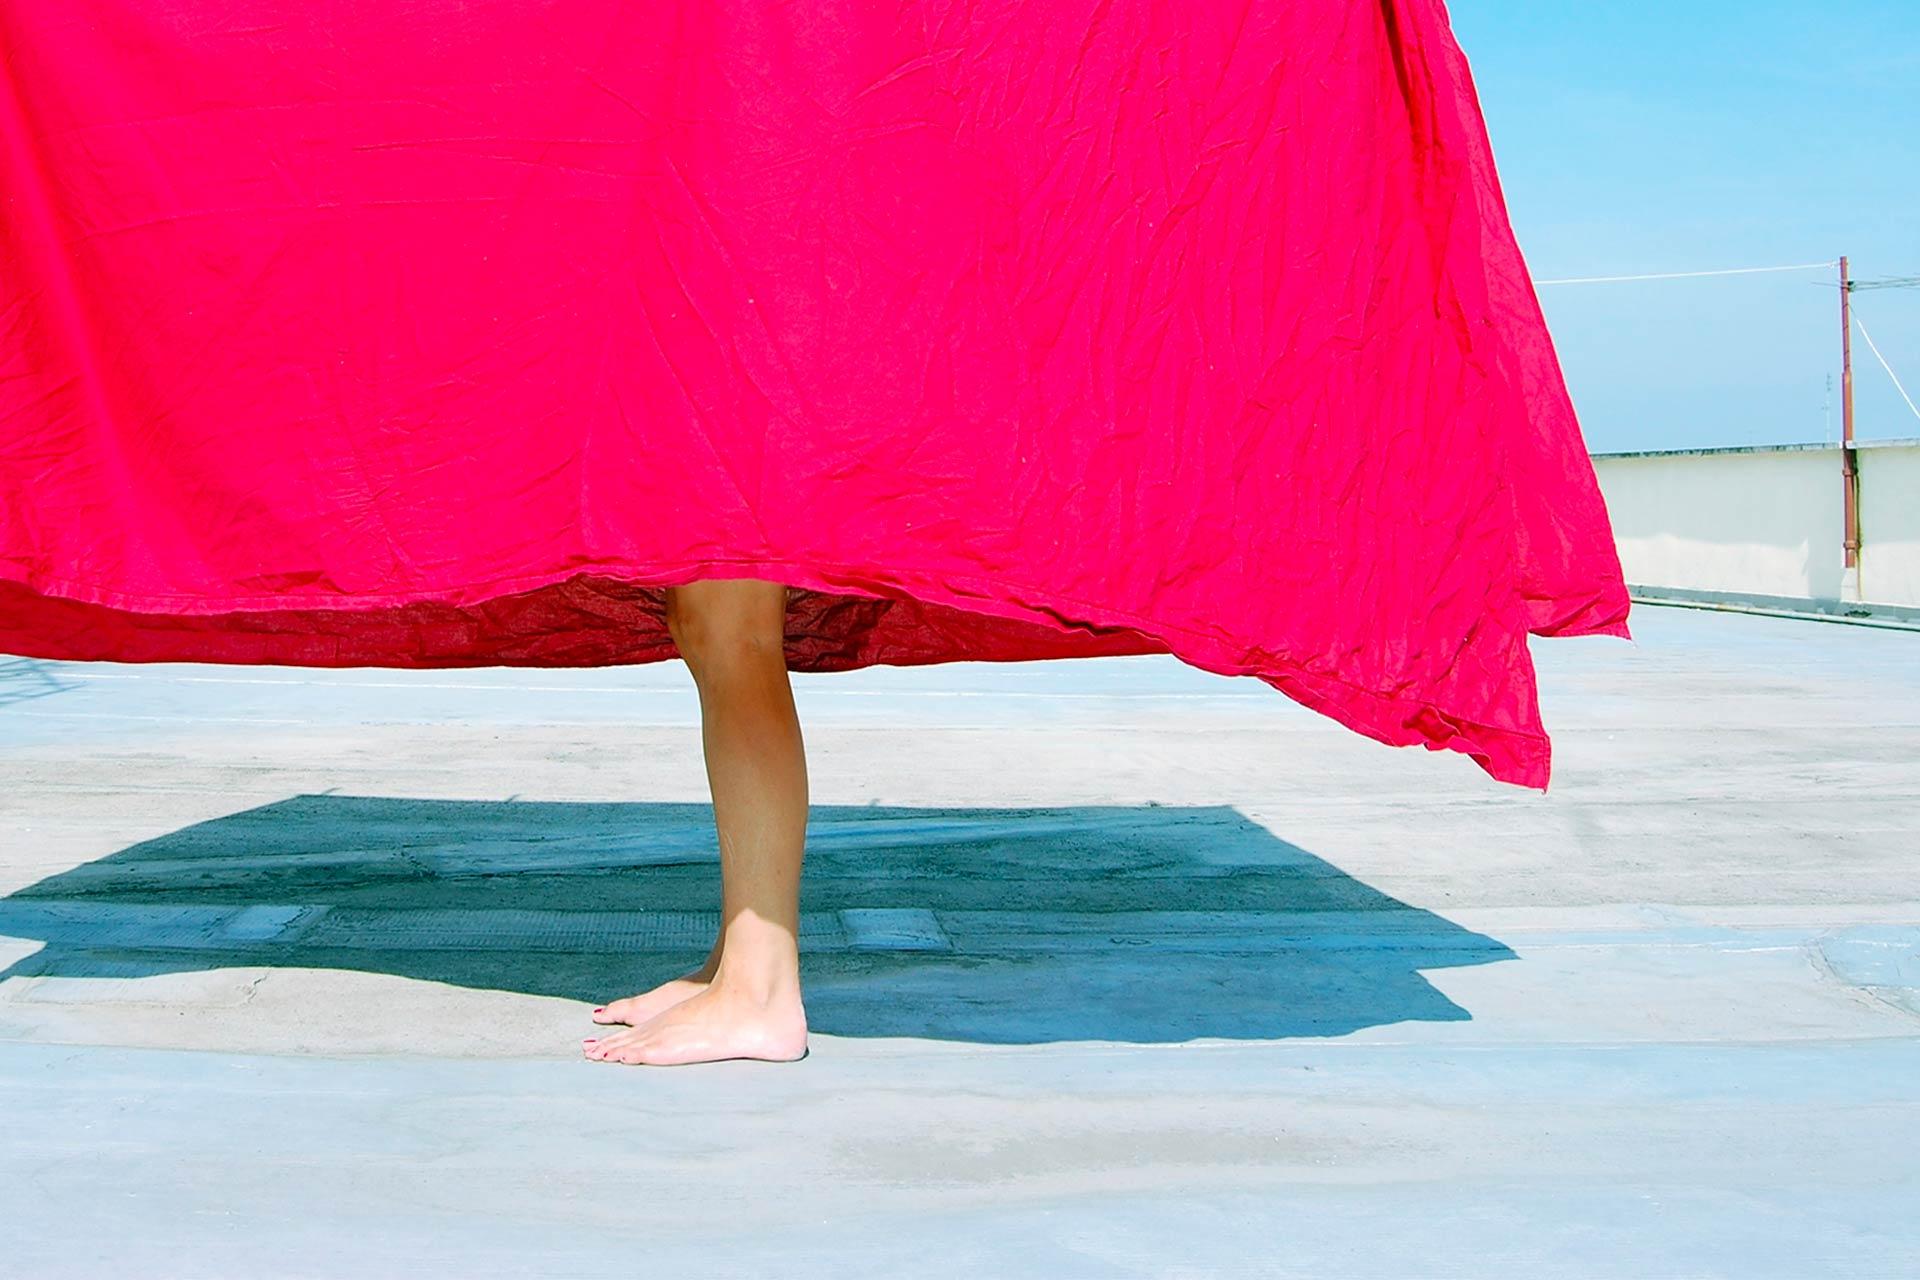 Piedi nudi che spuntano sotto le lenzuola stese sul terrazzo